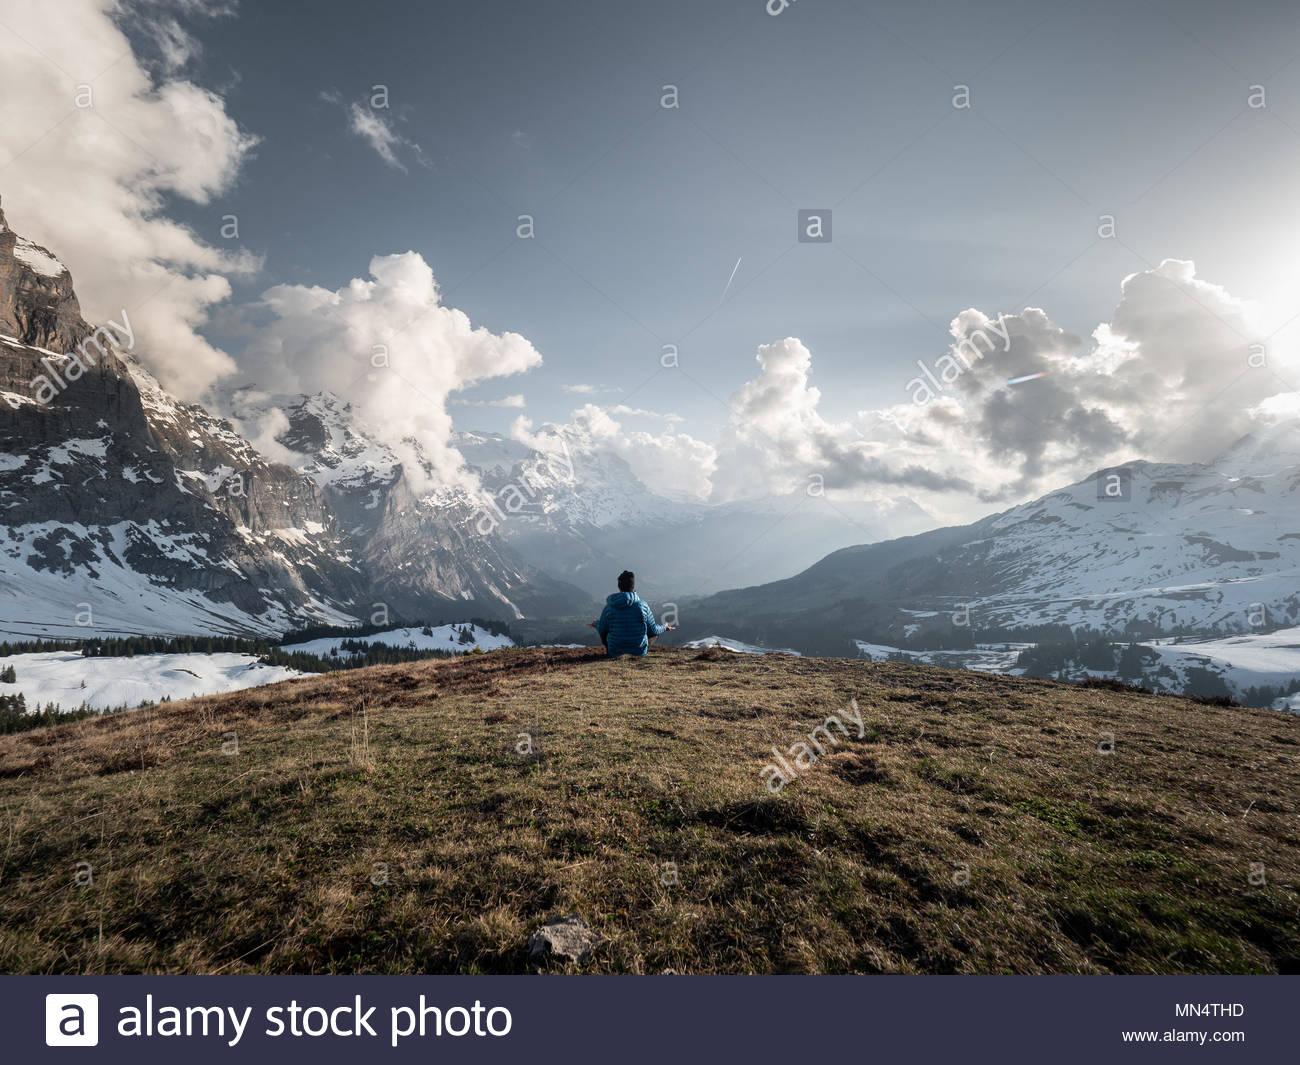 Seul homme assis sur une colline surplombant les montagnes et méditant, scène alpine idyllique Photo Stock